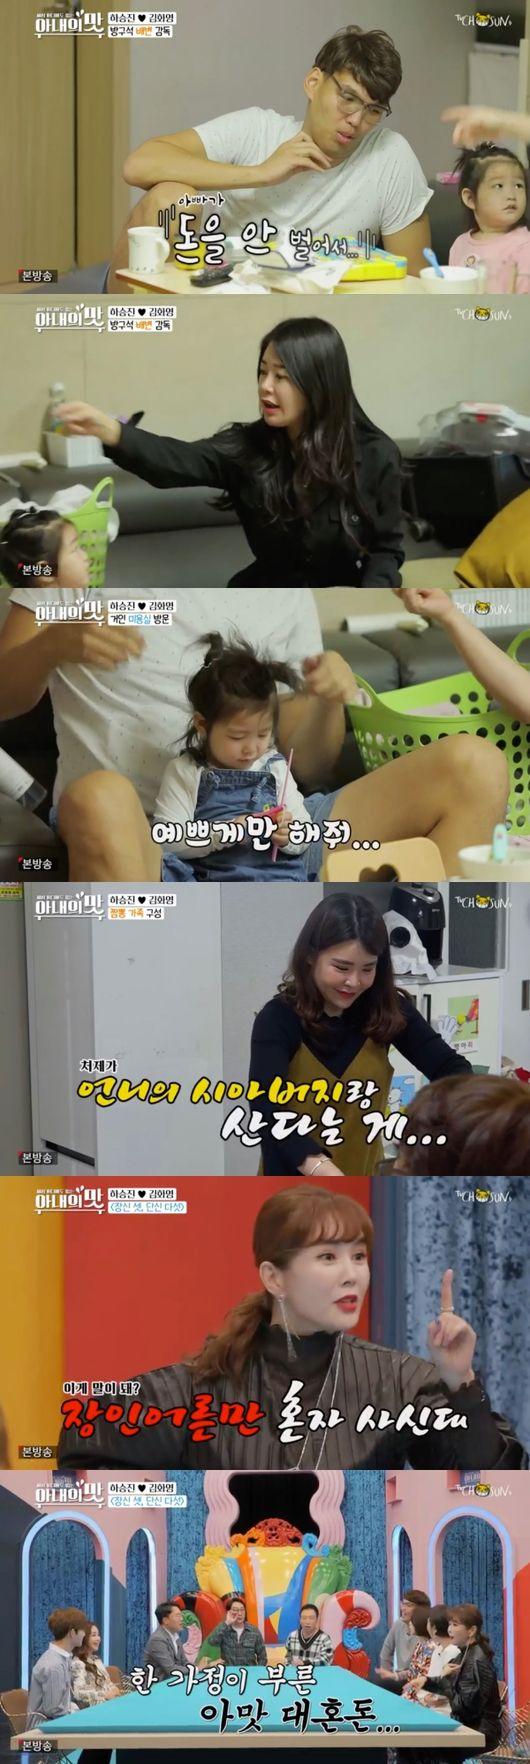 '아내의 맛' 하승진, 미모의 아내 김화영과 첫 출연→혜박 유산 고백 '눈물' [종합]